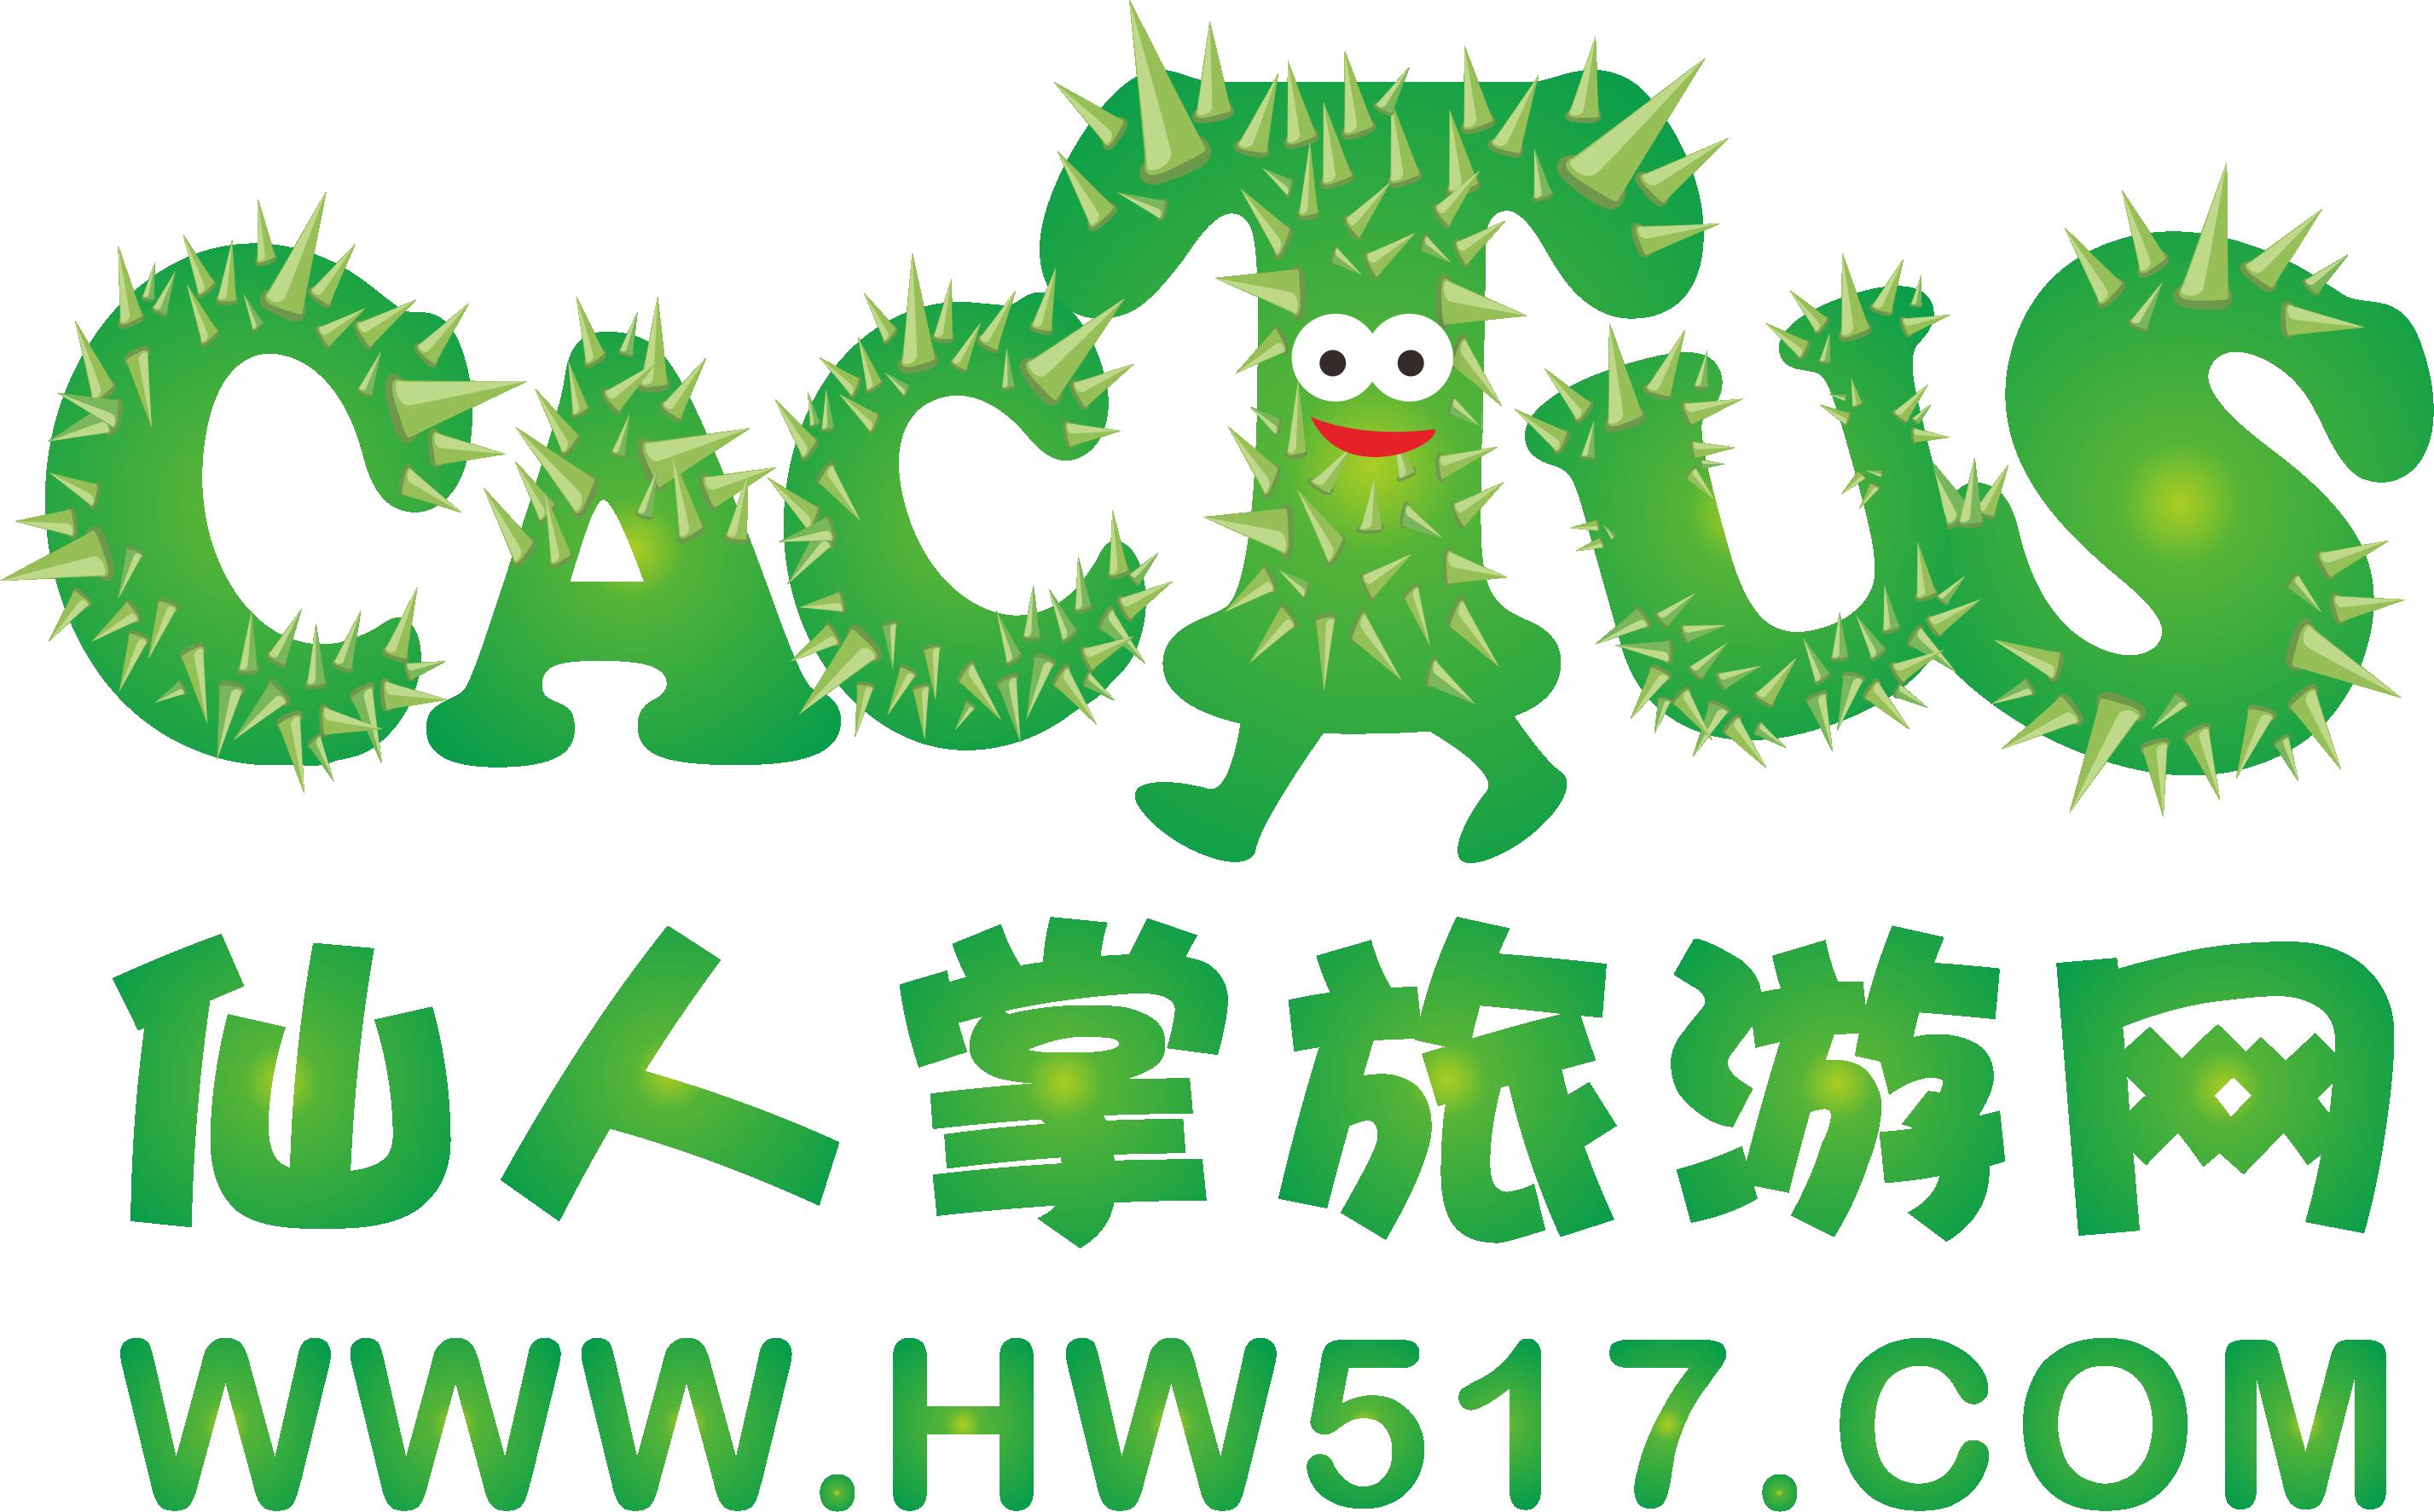 【仙人掌旅游】毕业季清迈+清莱双城之旅五晚六日